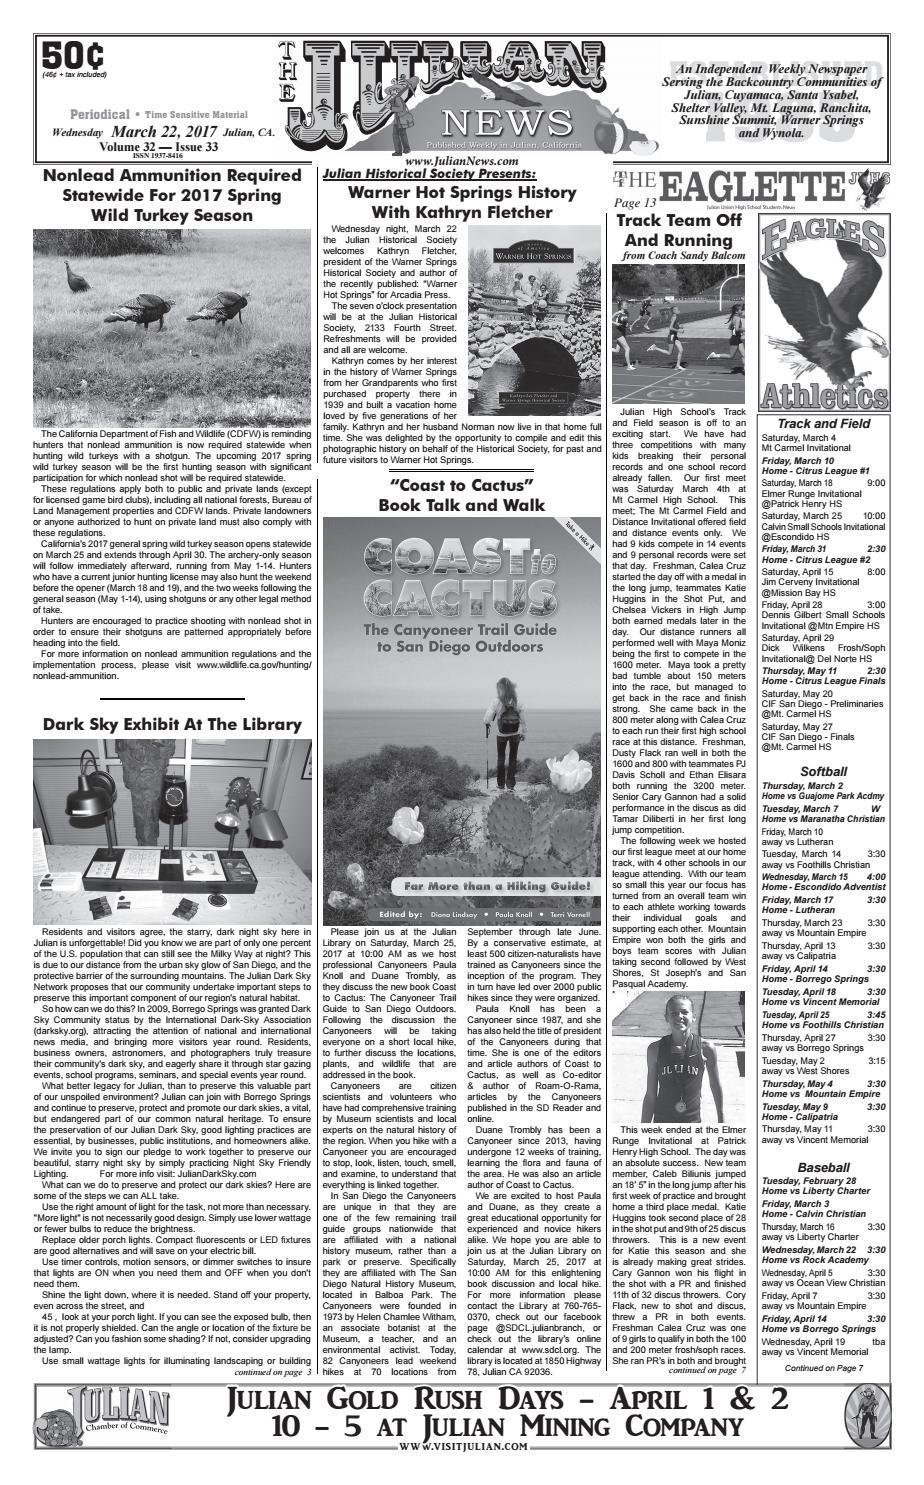 Juliannews 32 33 by Julian News - issuu